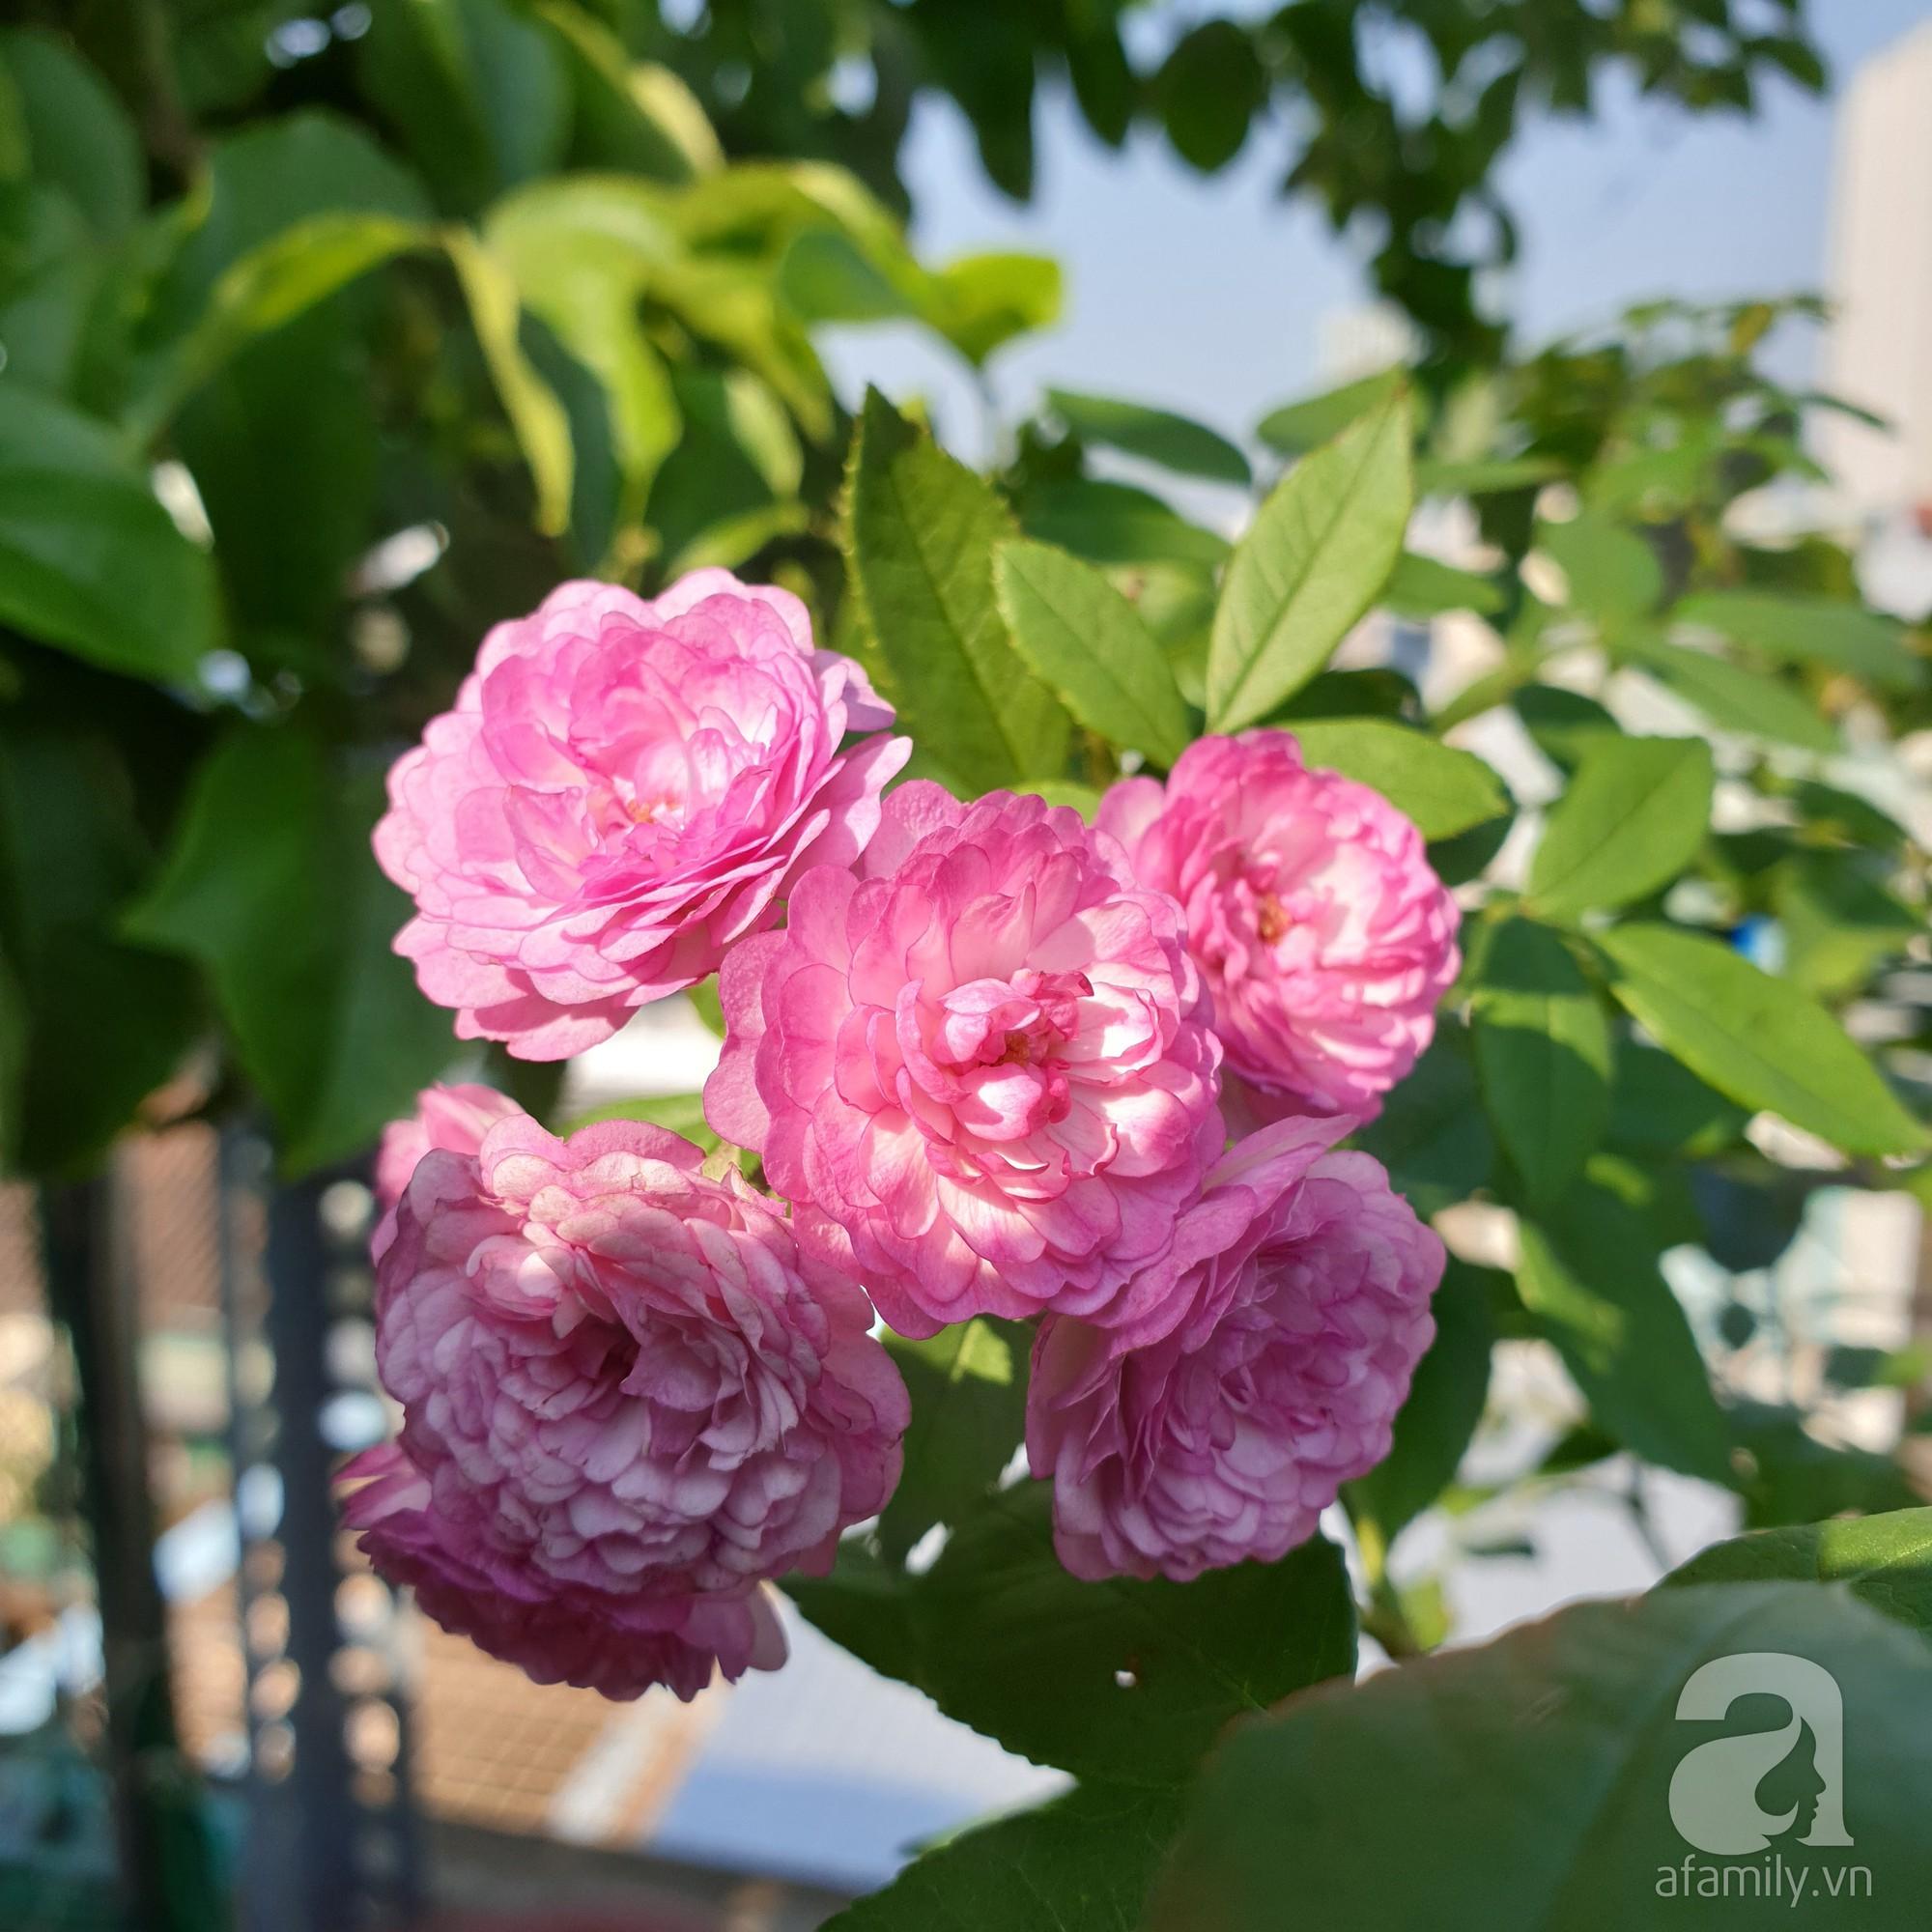 Vườn hồng trên sân thượng rực rỡ sắc màu của chàng trai 8x siêu đảm ở Sài Gòn - Ảnh 7.